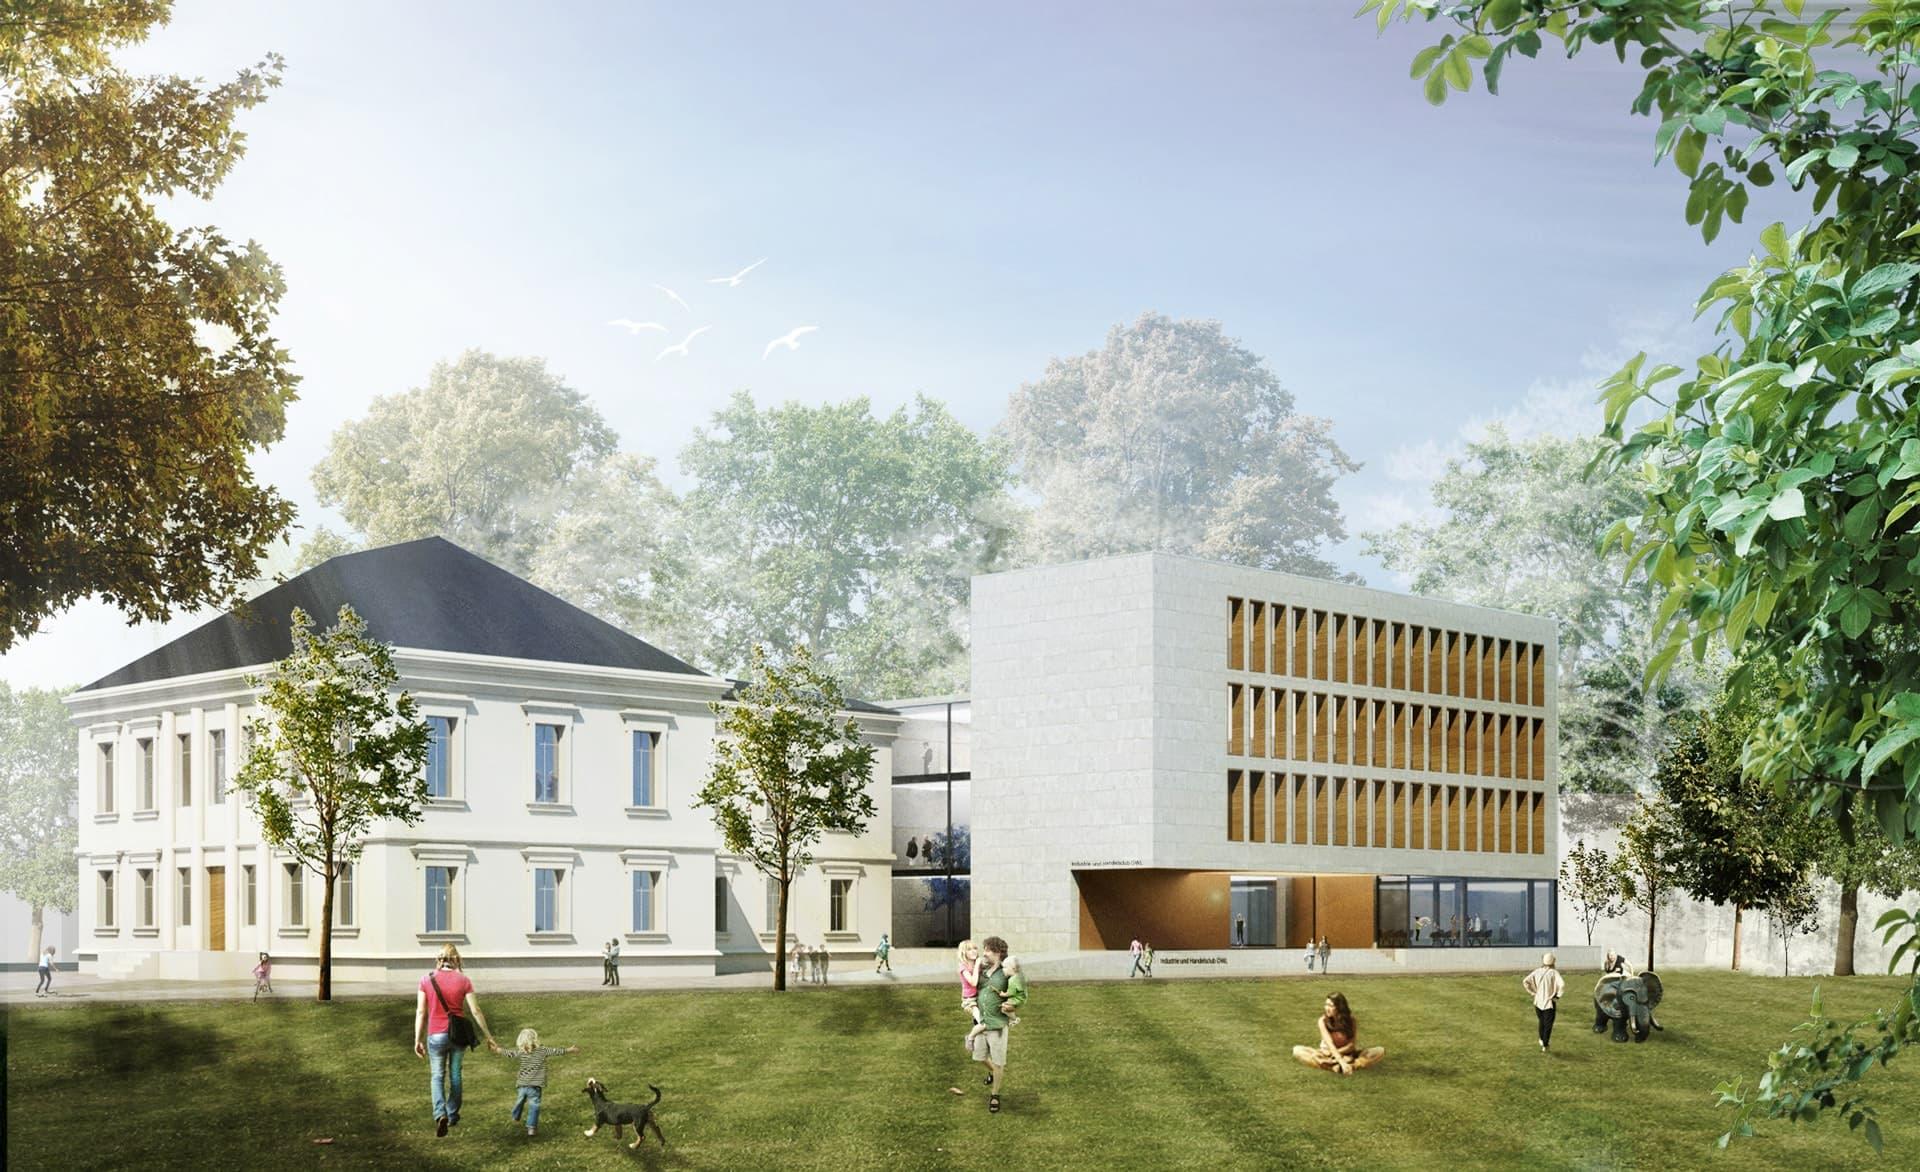 Villa weber visualisierung bhp architekten generalplaner gmbh br chner h ttemann pasch in - Bhp architekten ...